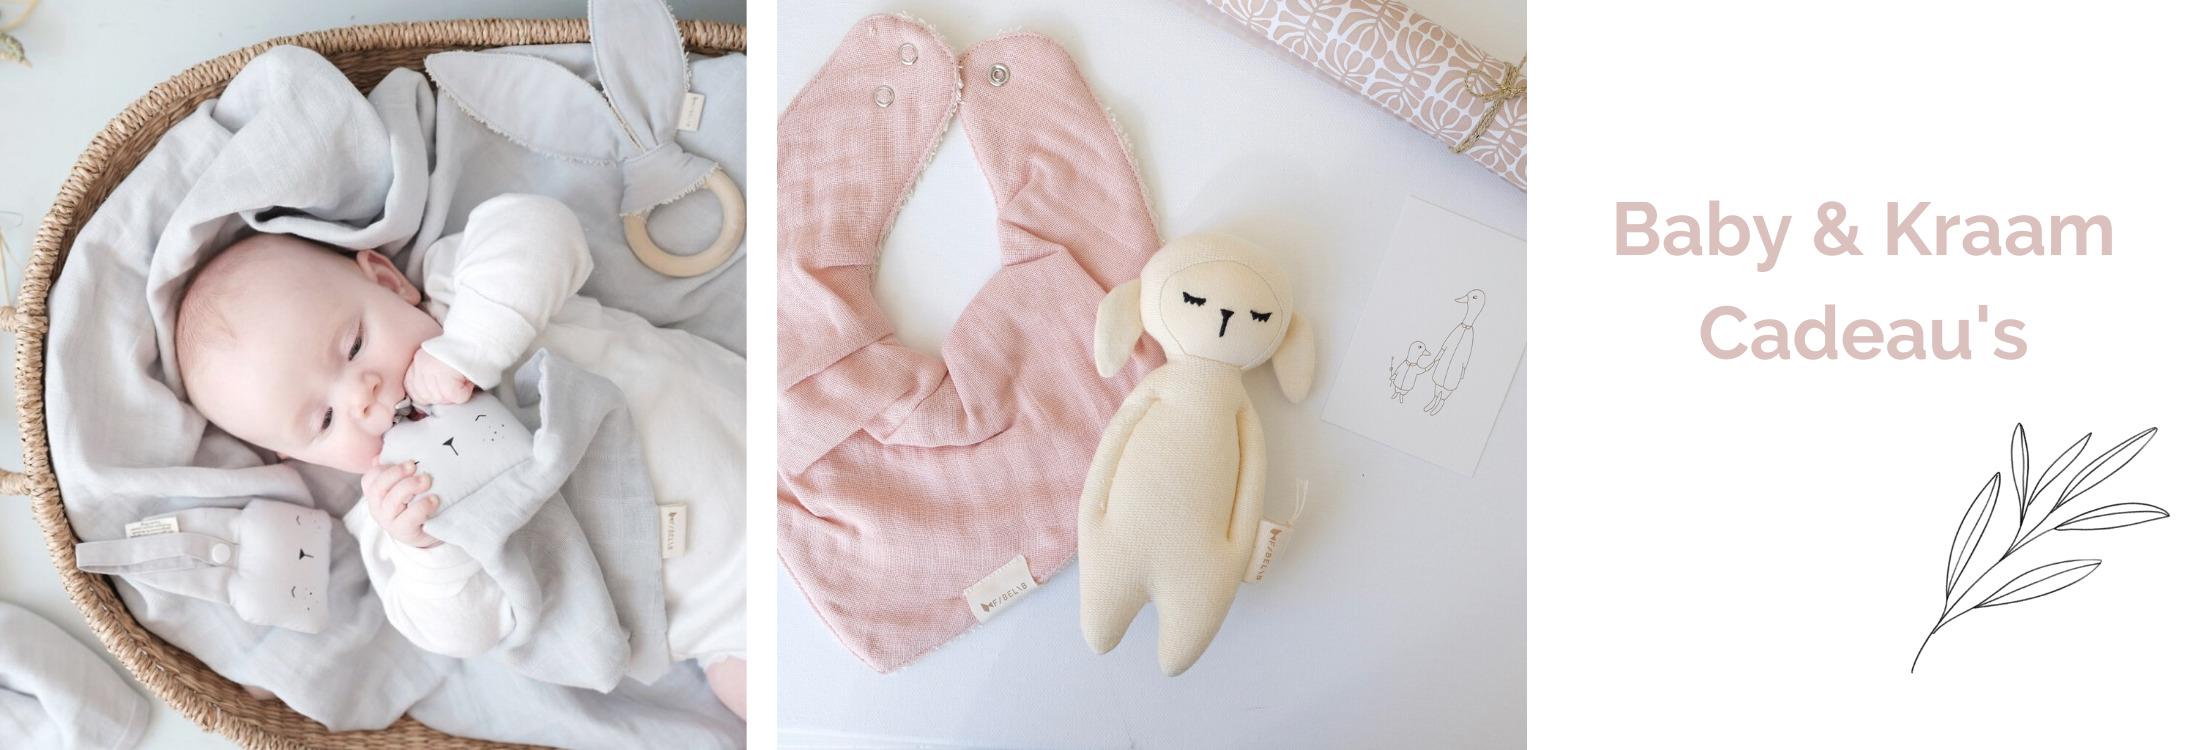 Baby & Kraam cadeaus